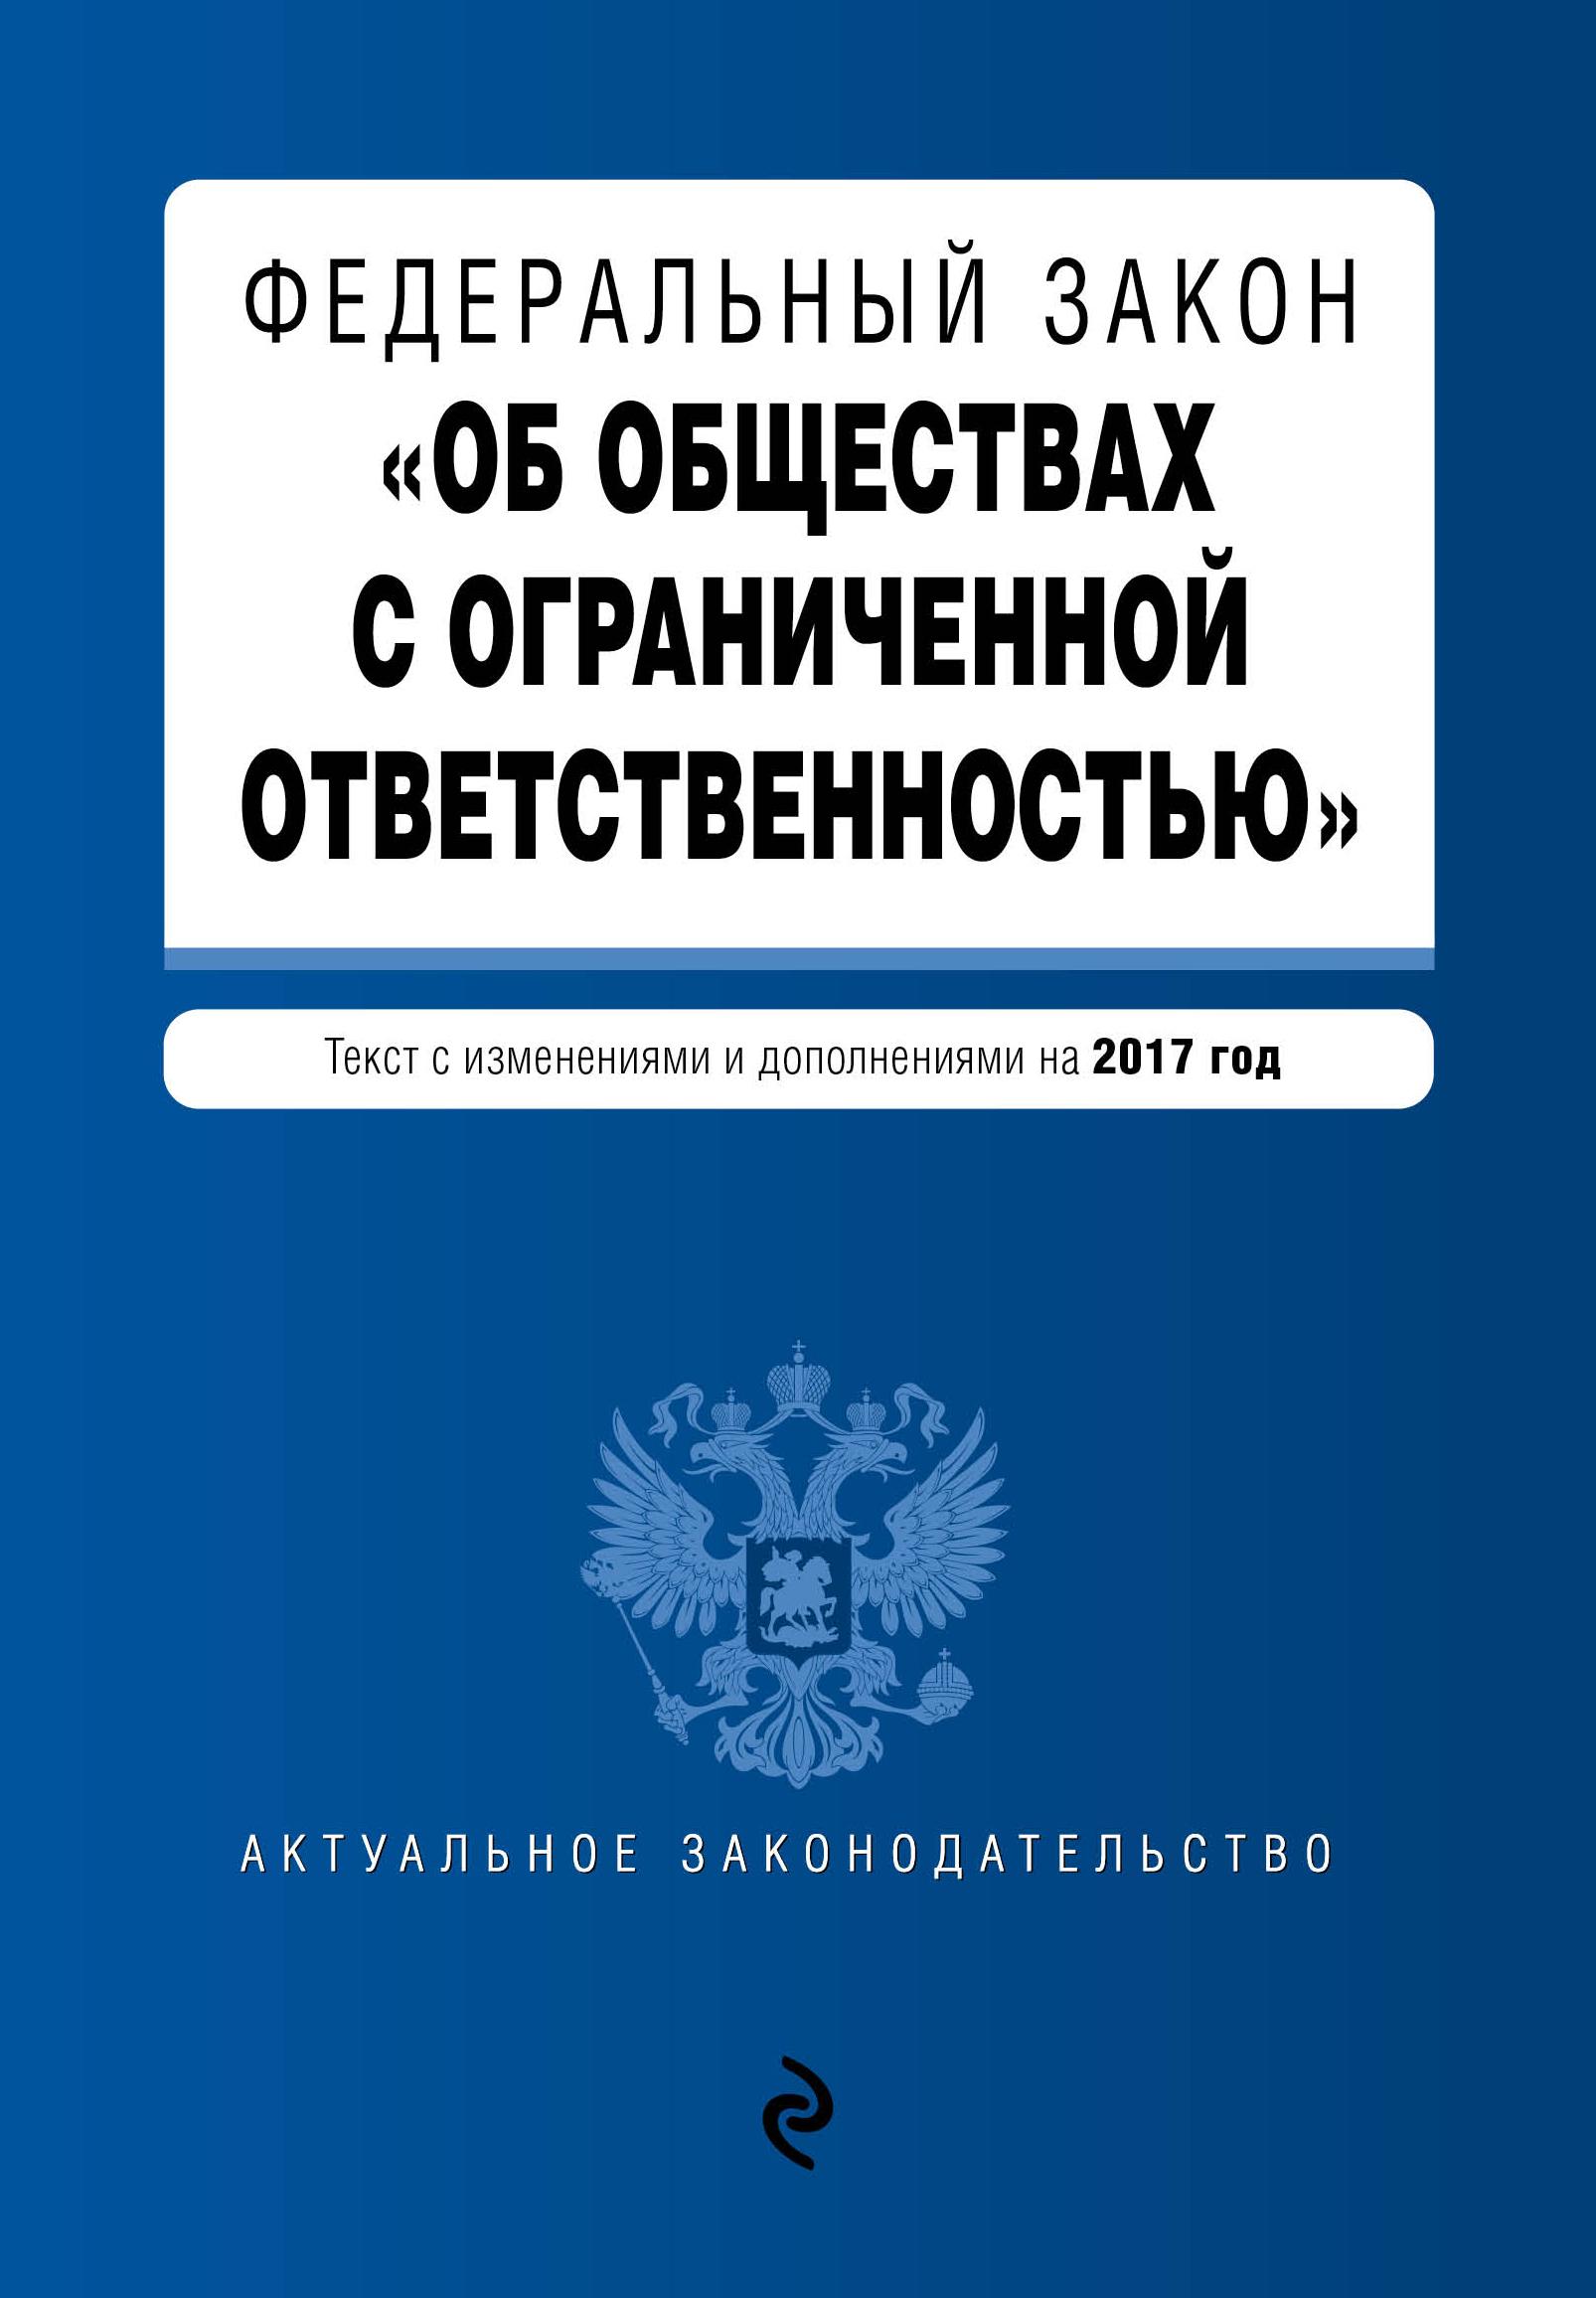 Федеральный закон Об обществах с ограниченной ответственностью : текст изменениями и дополнениями на 2017 год